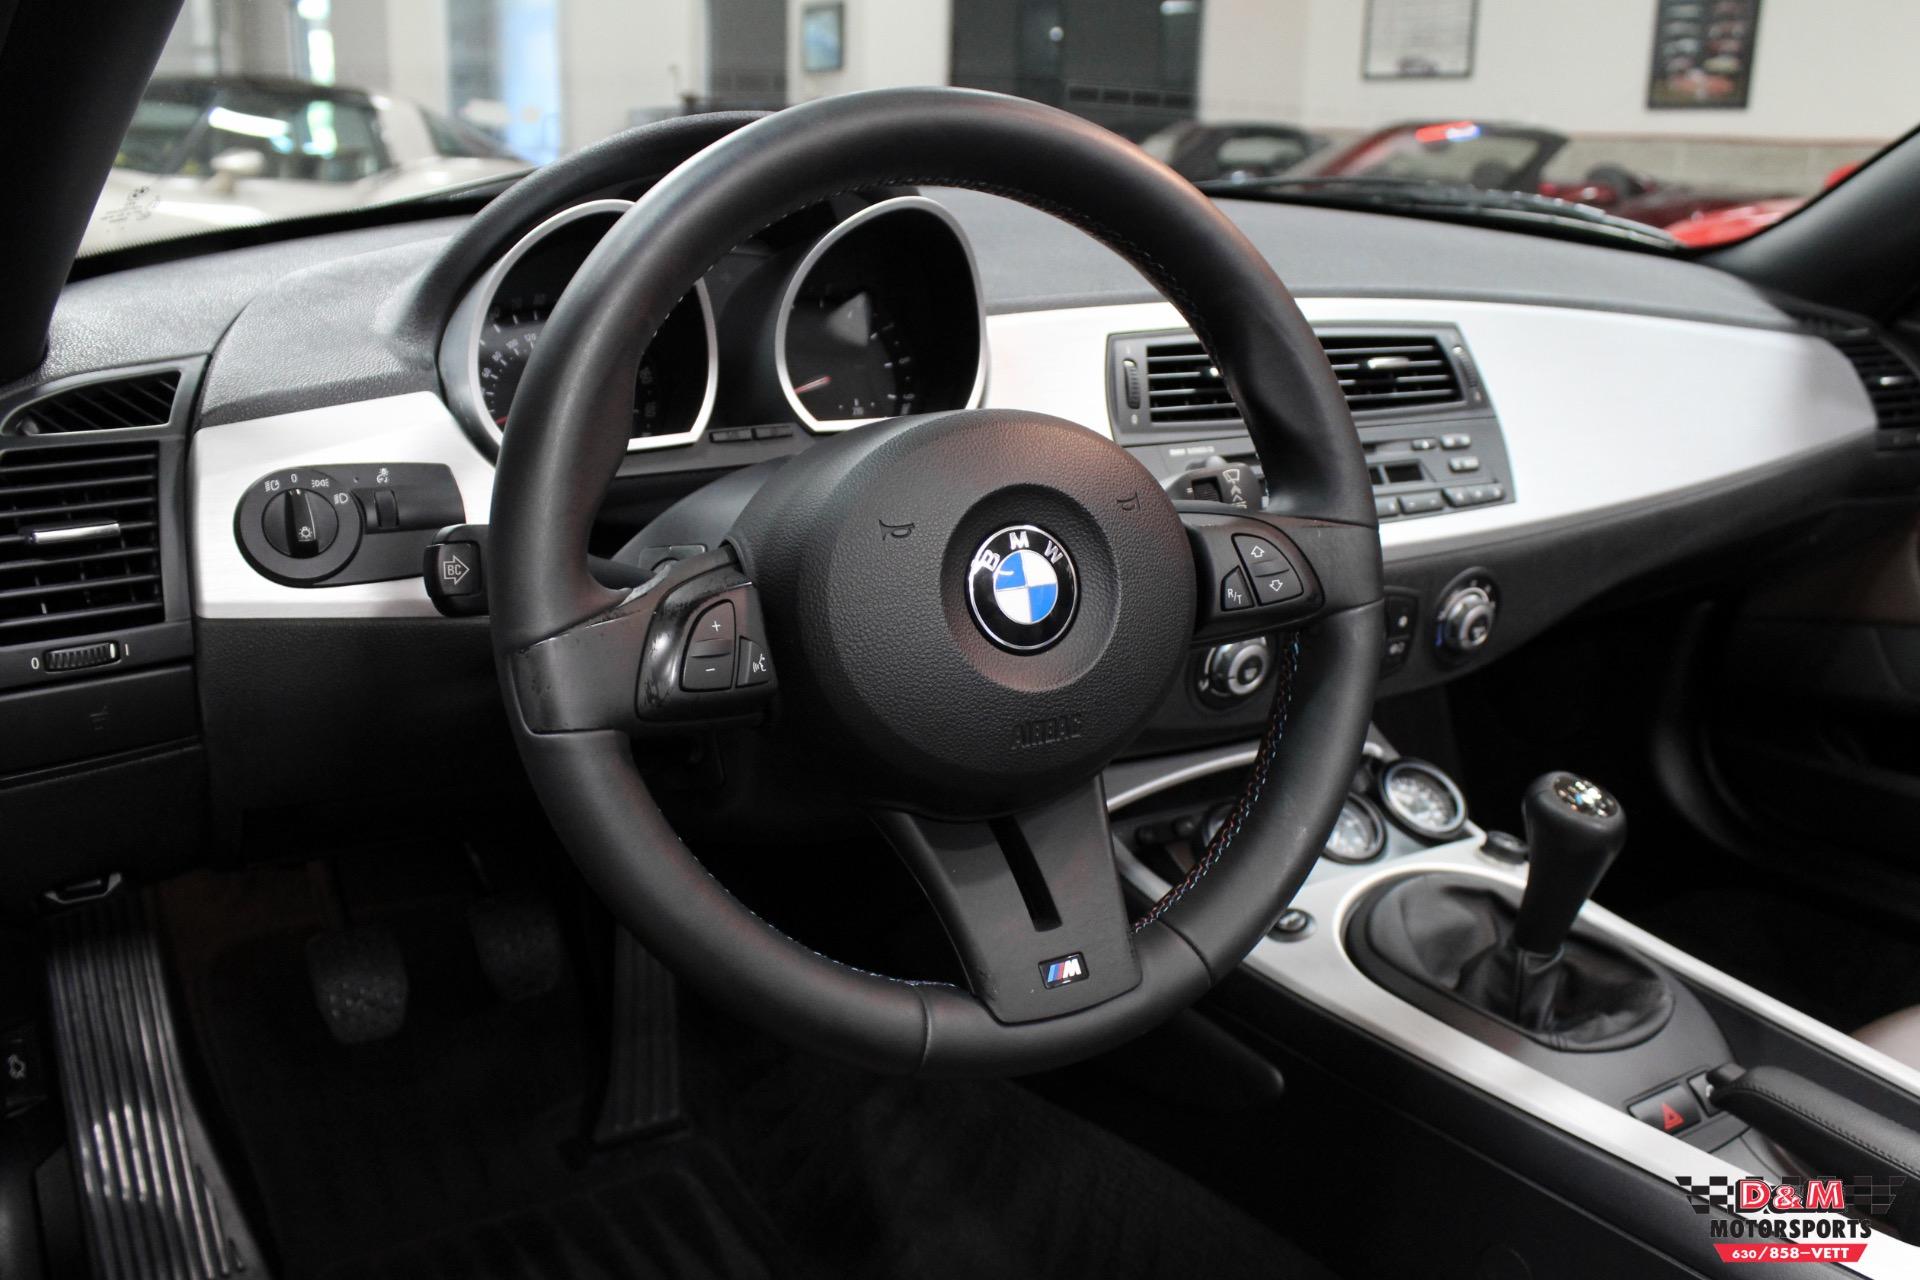 2006 BMW Z4 M Roadster Stock  M6066 for sale near Glen Ellyn IL